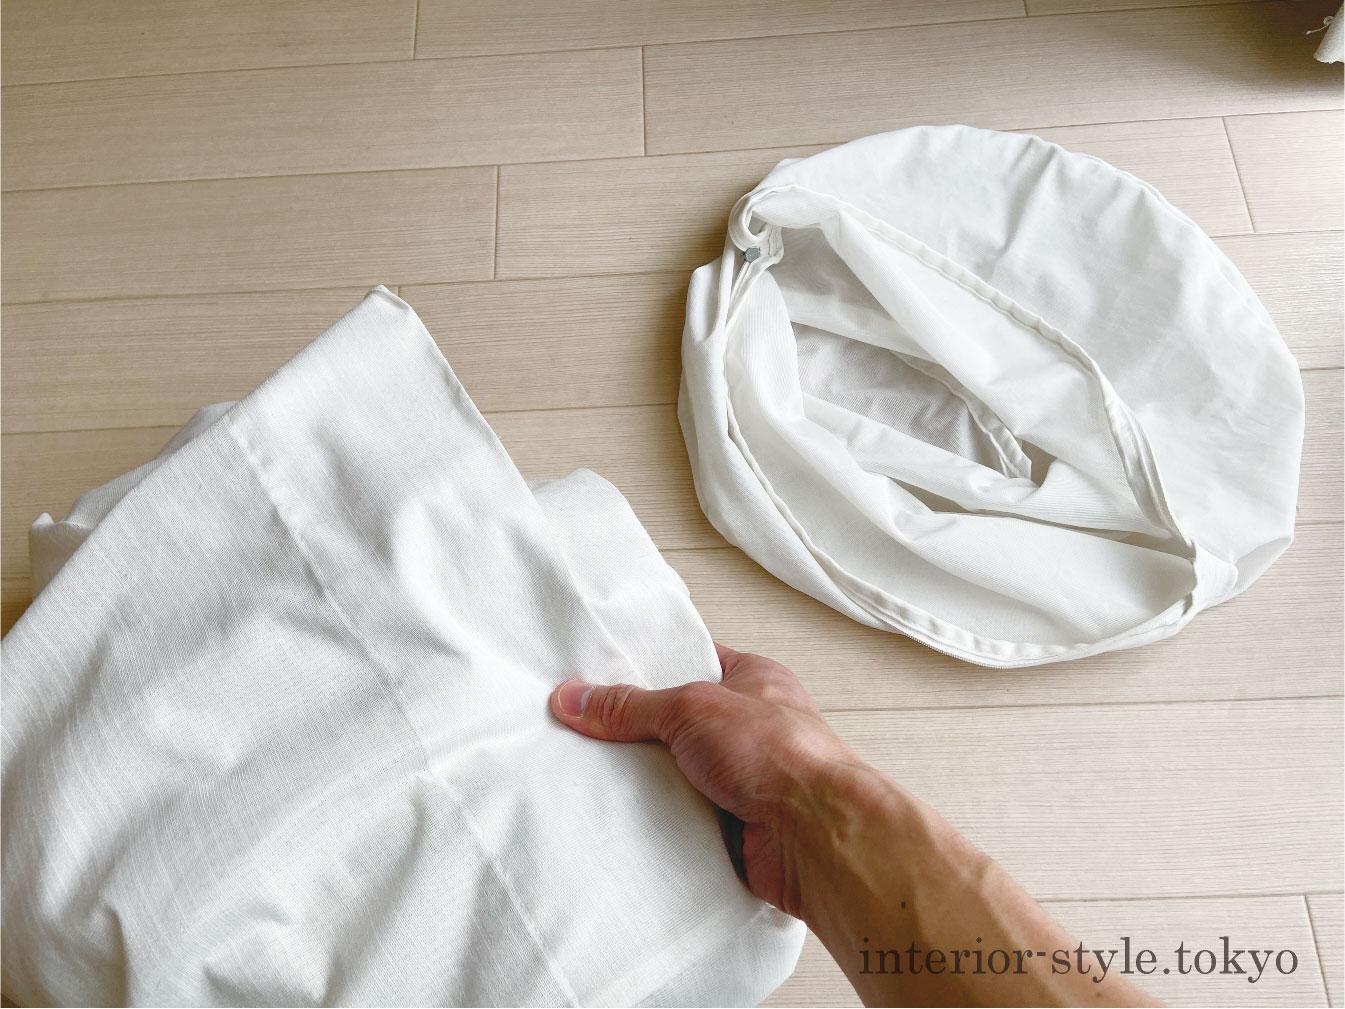 カーテンを洗濯ネットに畳んで入れる